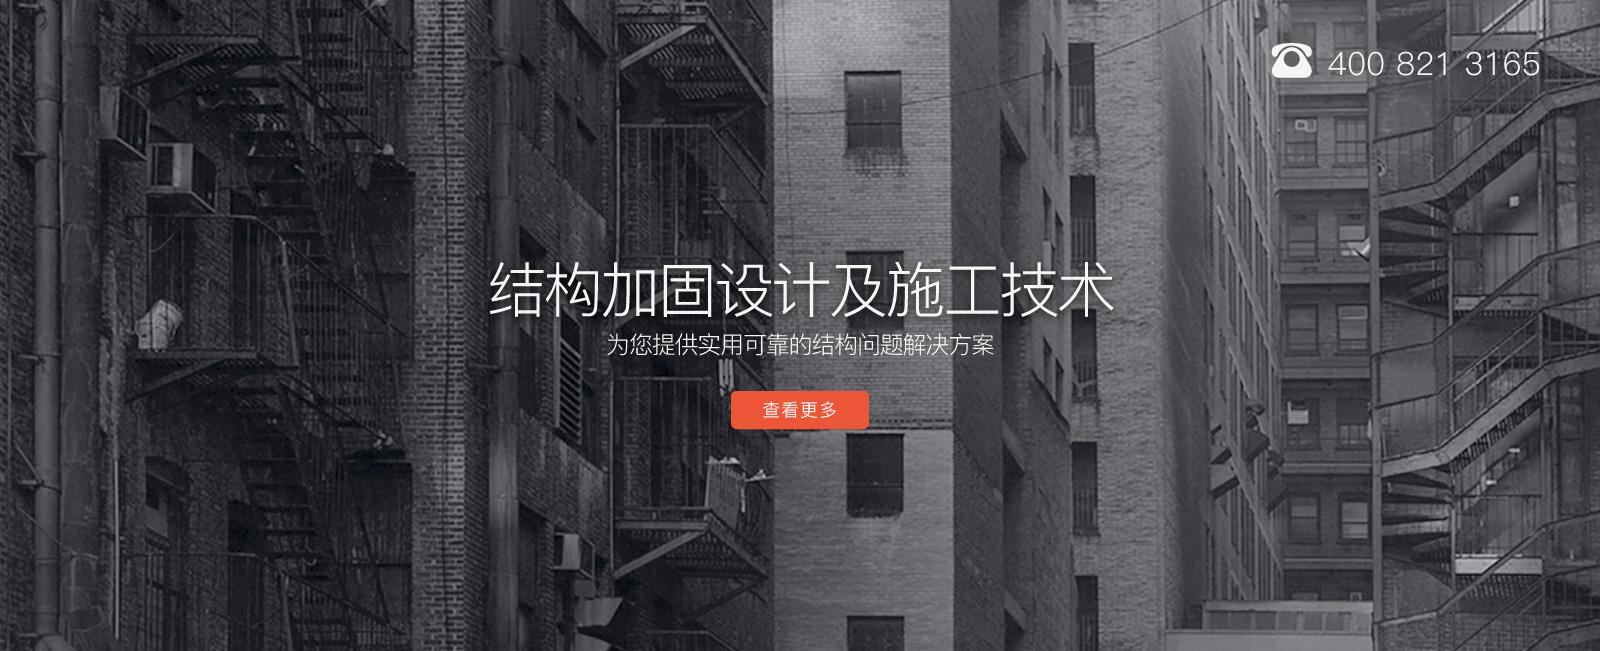 房屋检测|抗震检测|房屋鉴定|厂房检测|上海同瑞